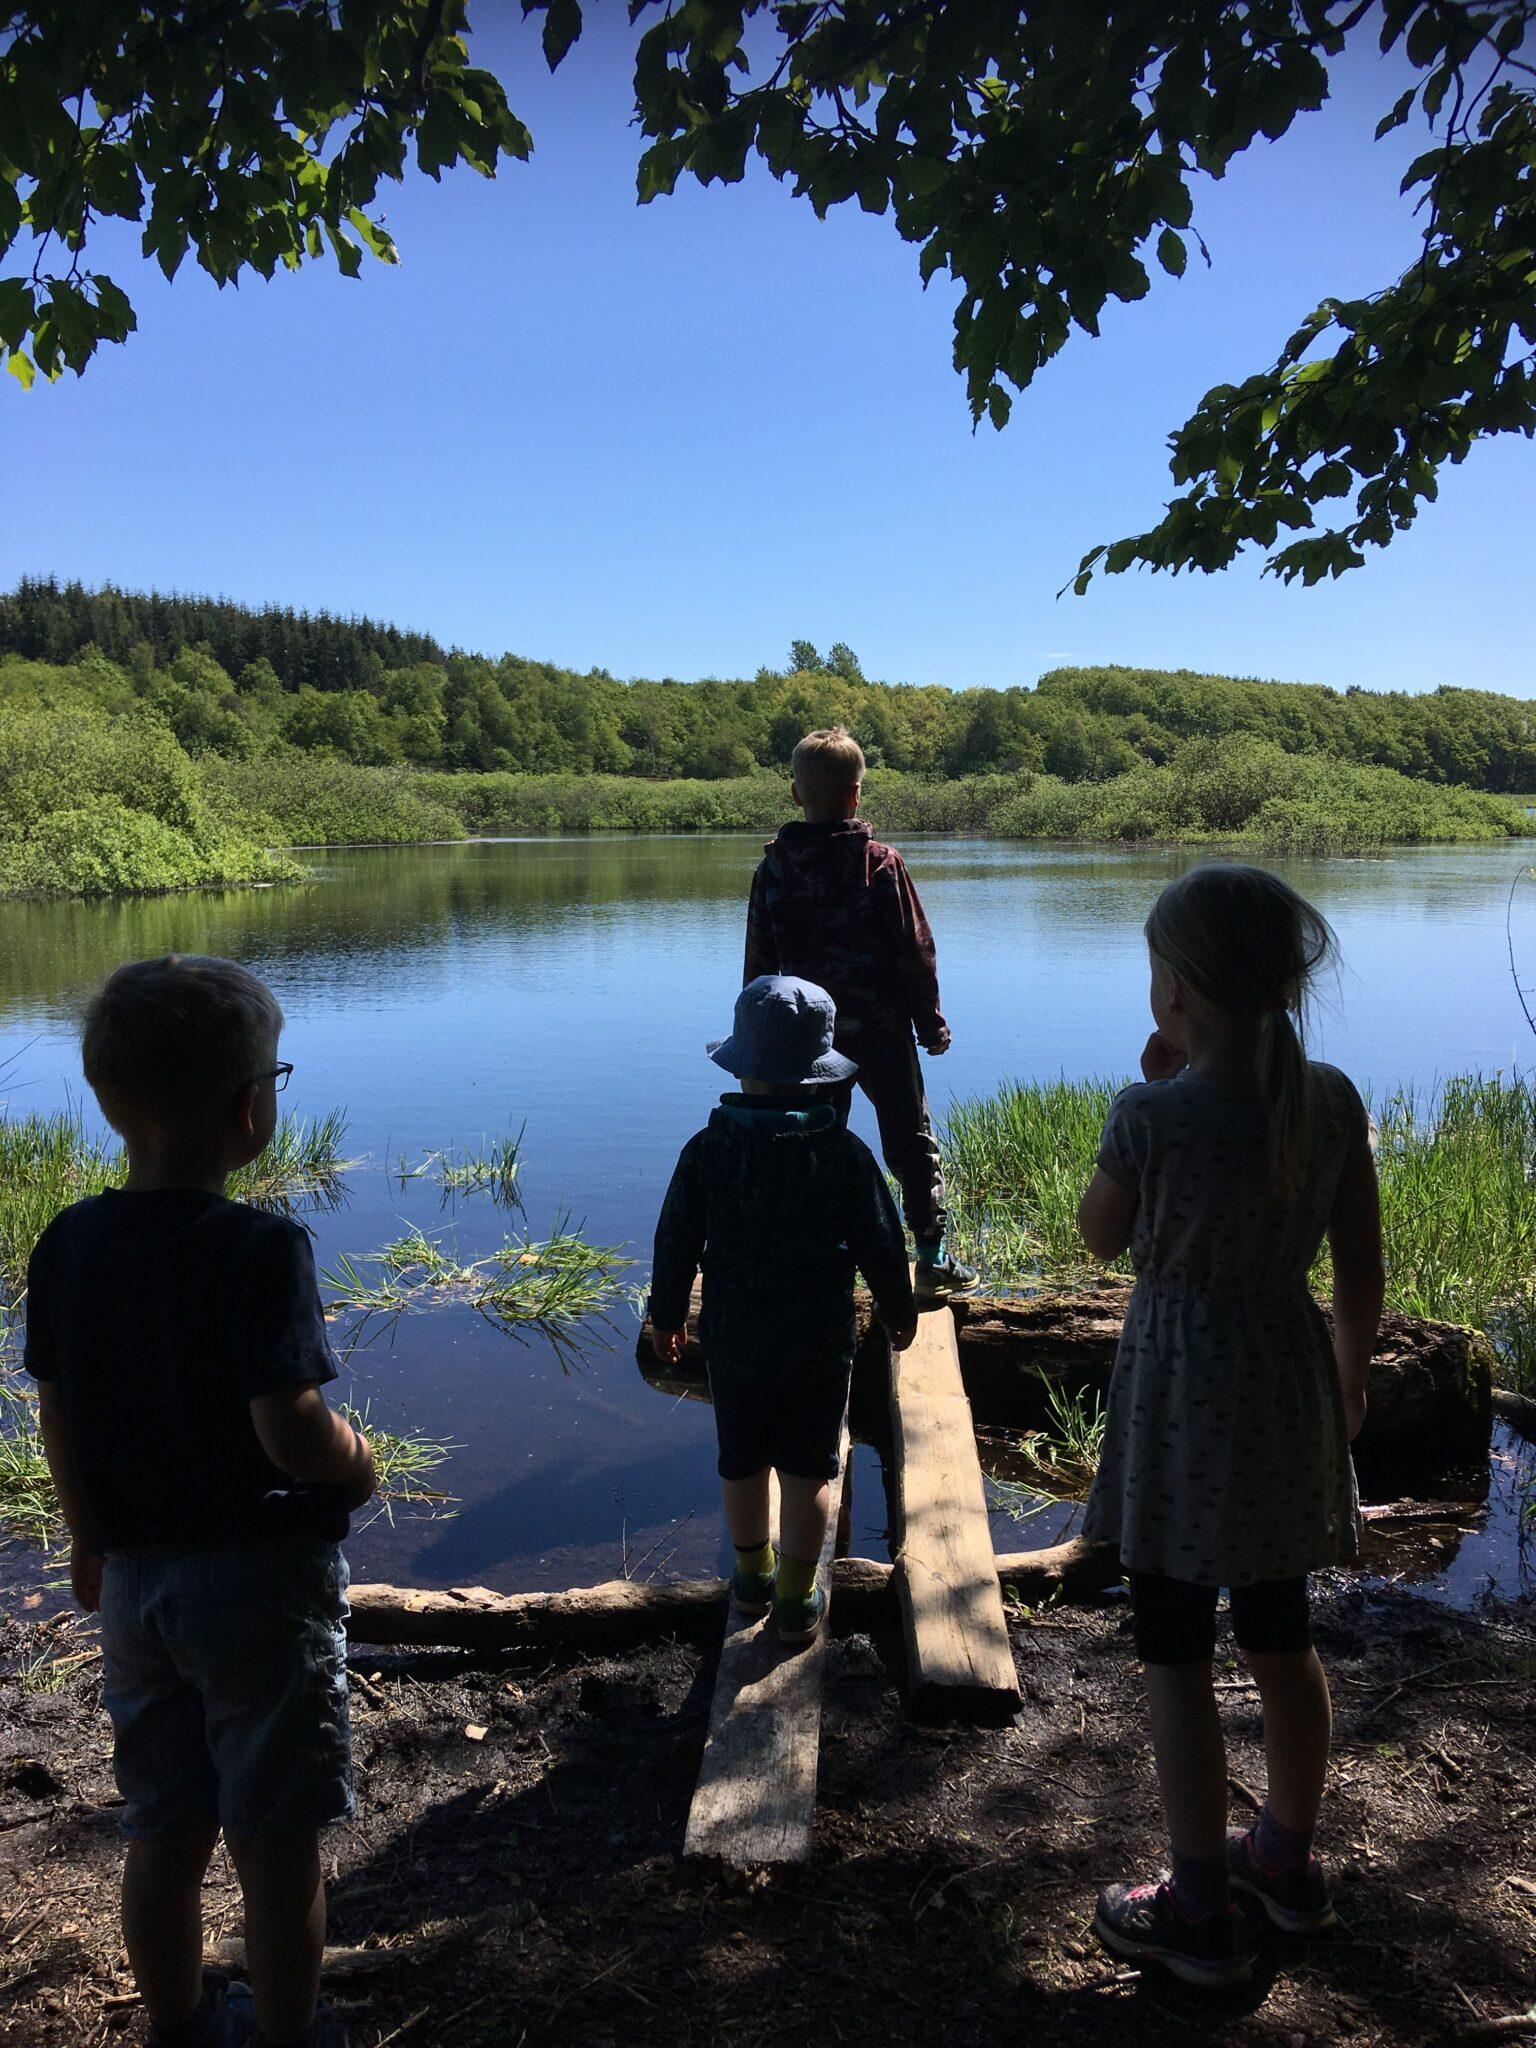 Børn ved søbred med improviseret bro